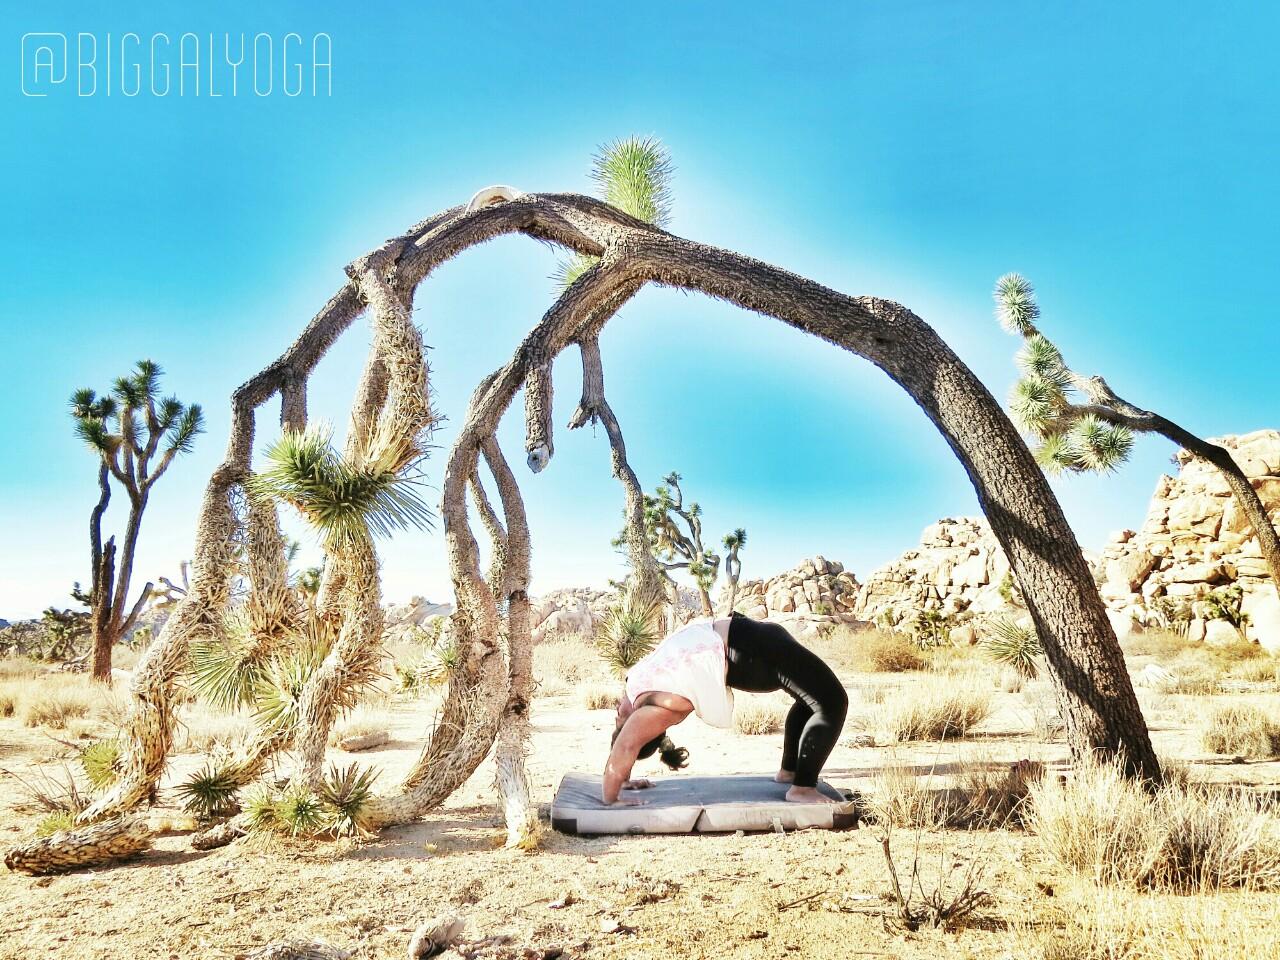 Big_Gal_Yoga_desert.jpg